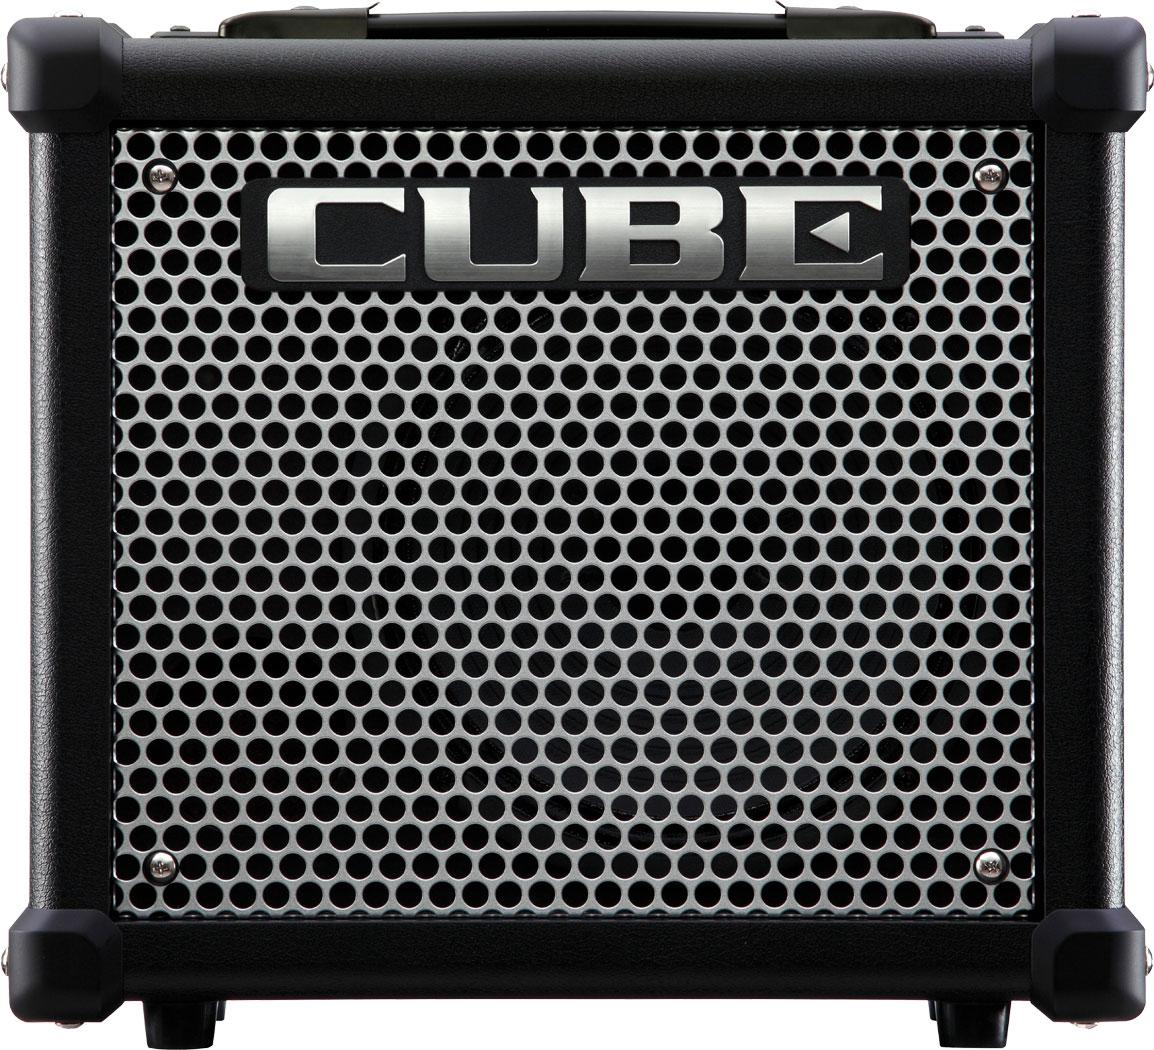 Roland ローランド Cube 10GX キューブ ギターアンプ【smtb-ms】【zn】